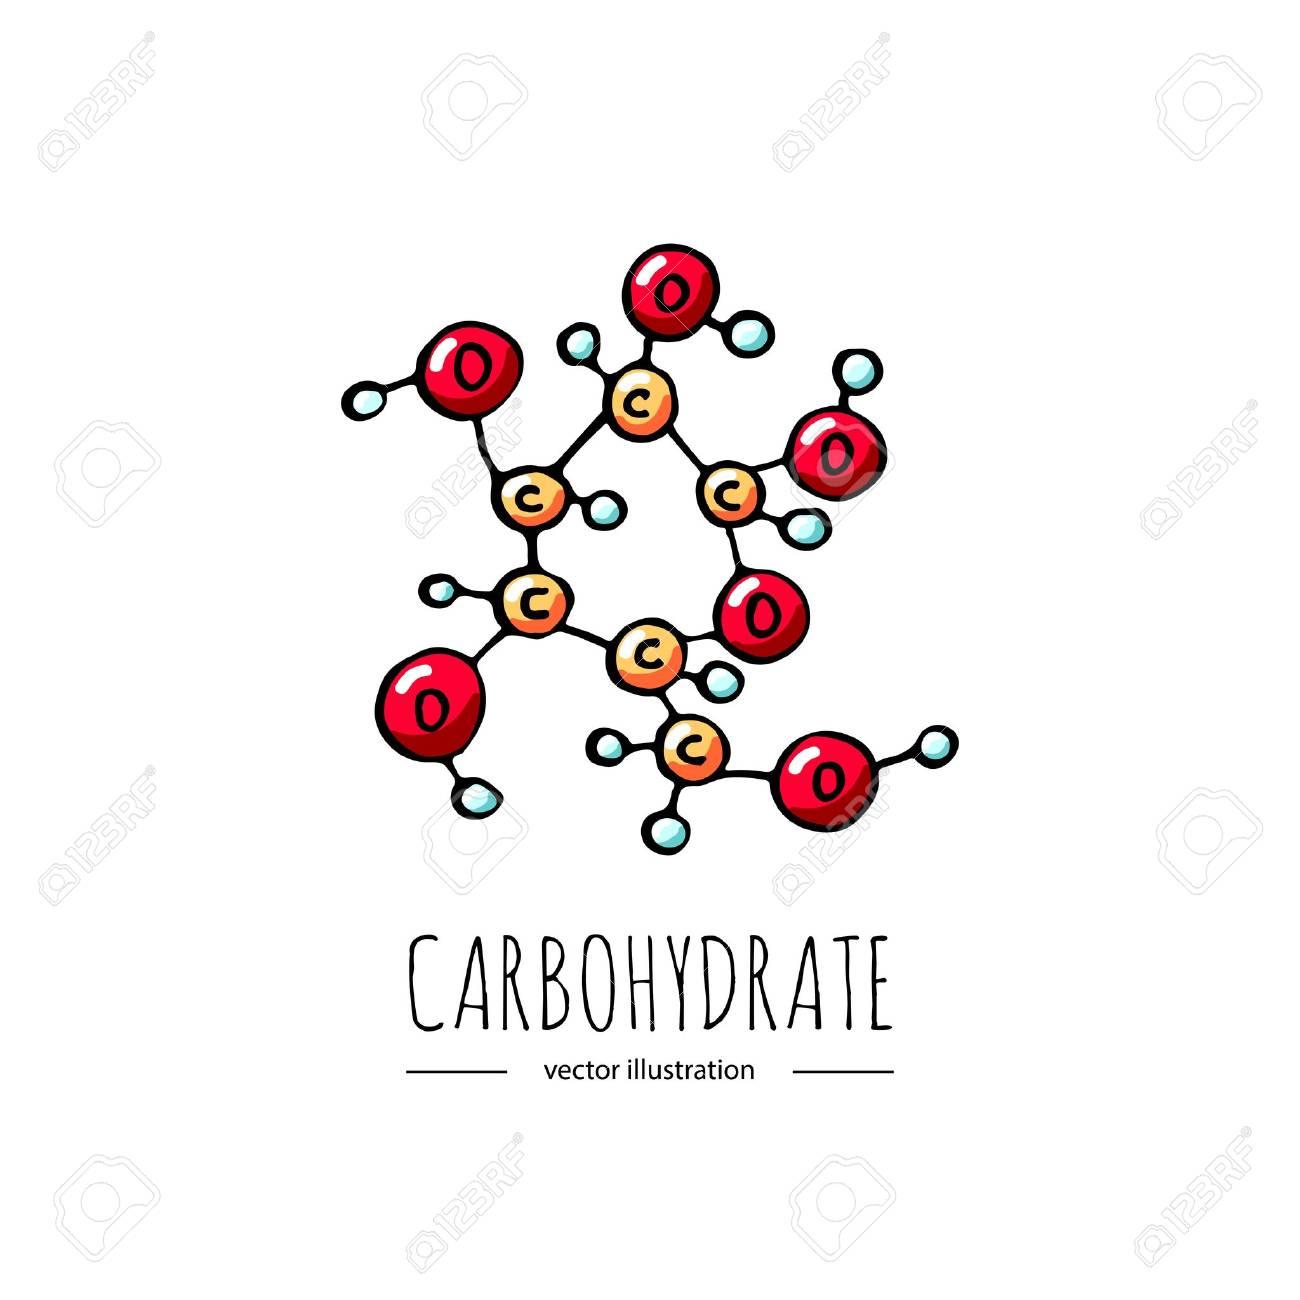 手描き落書き炭水化物化学式アイコン ベクトル図記号漫画スケッチ重量損失要素フィットネス ダイエット炭水化物ダイエット白い背景に、スポーツ栄養の健康的な食事のイラスト素材・ベクタ - Image 87714187.